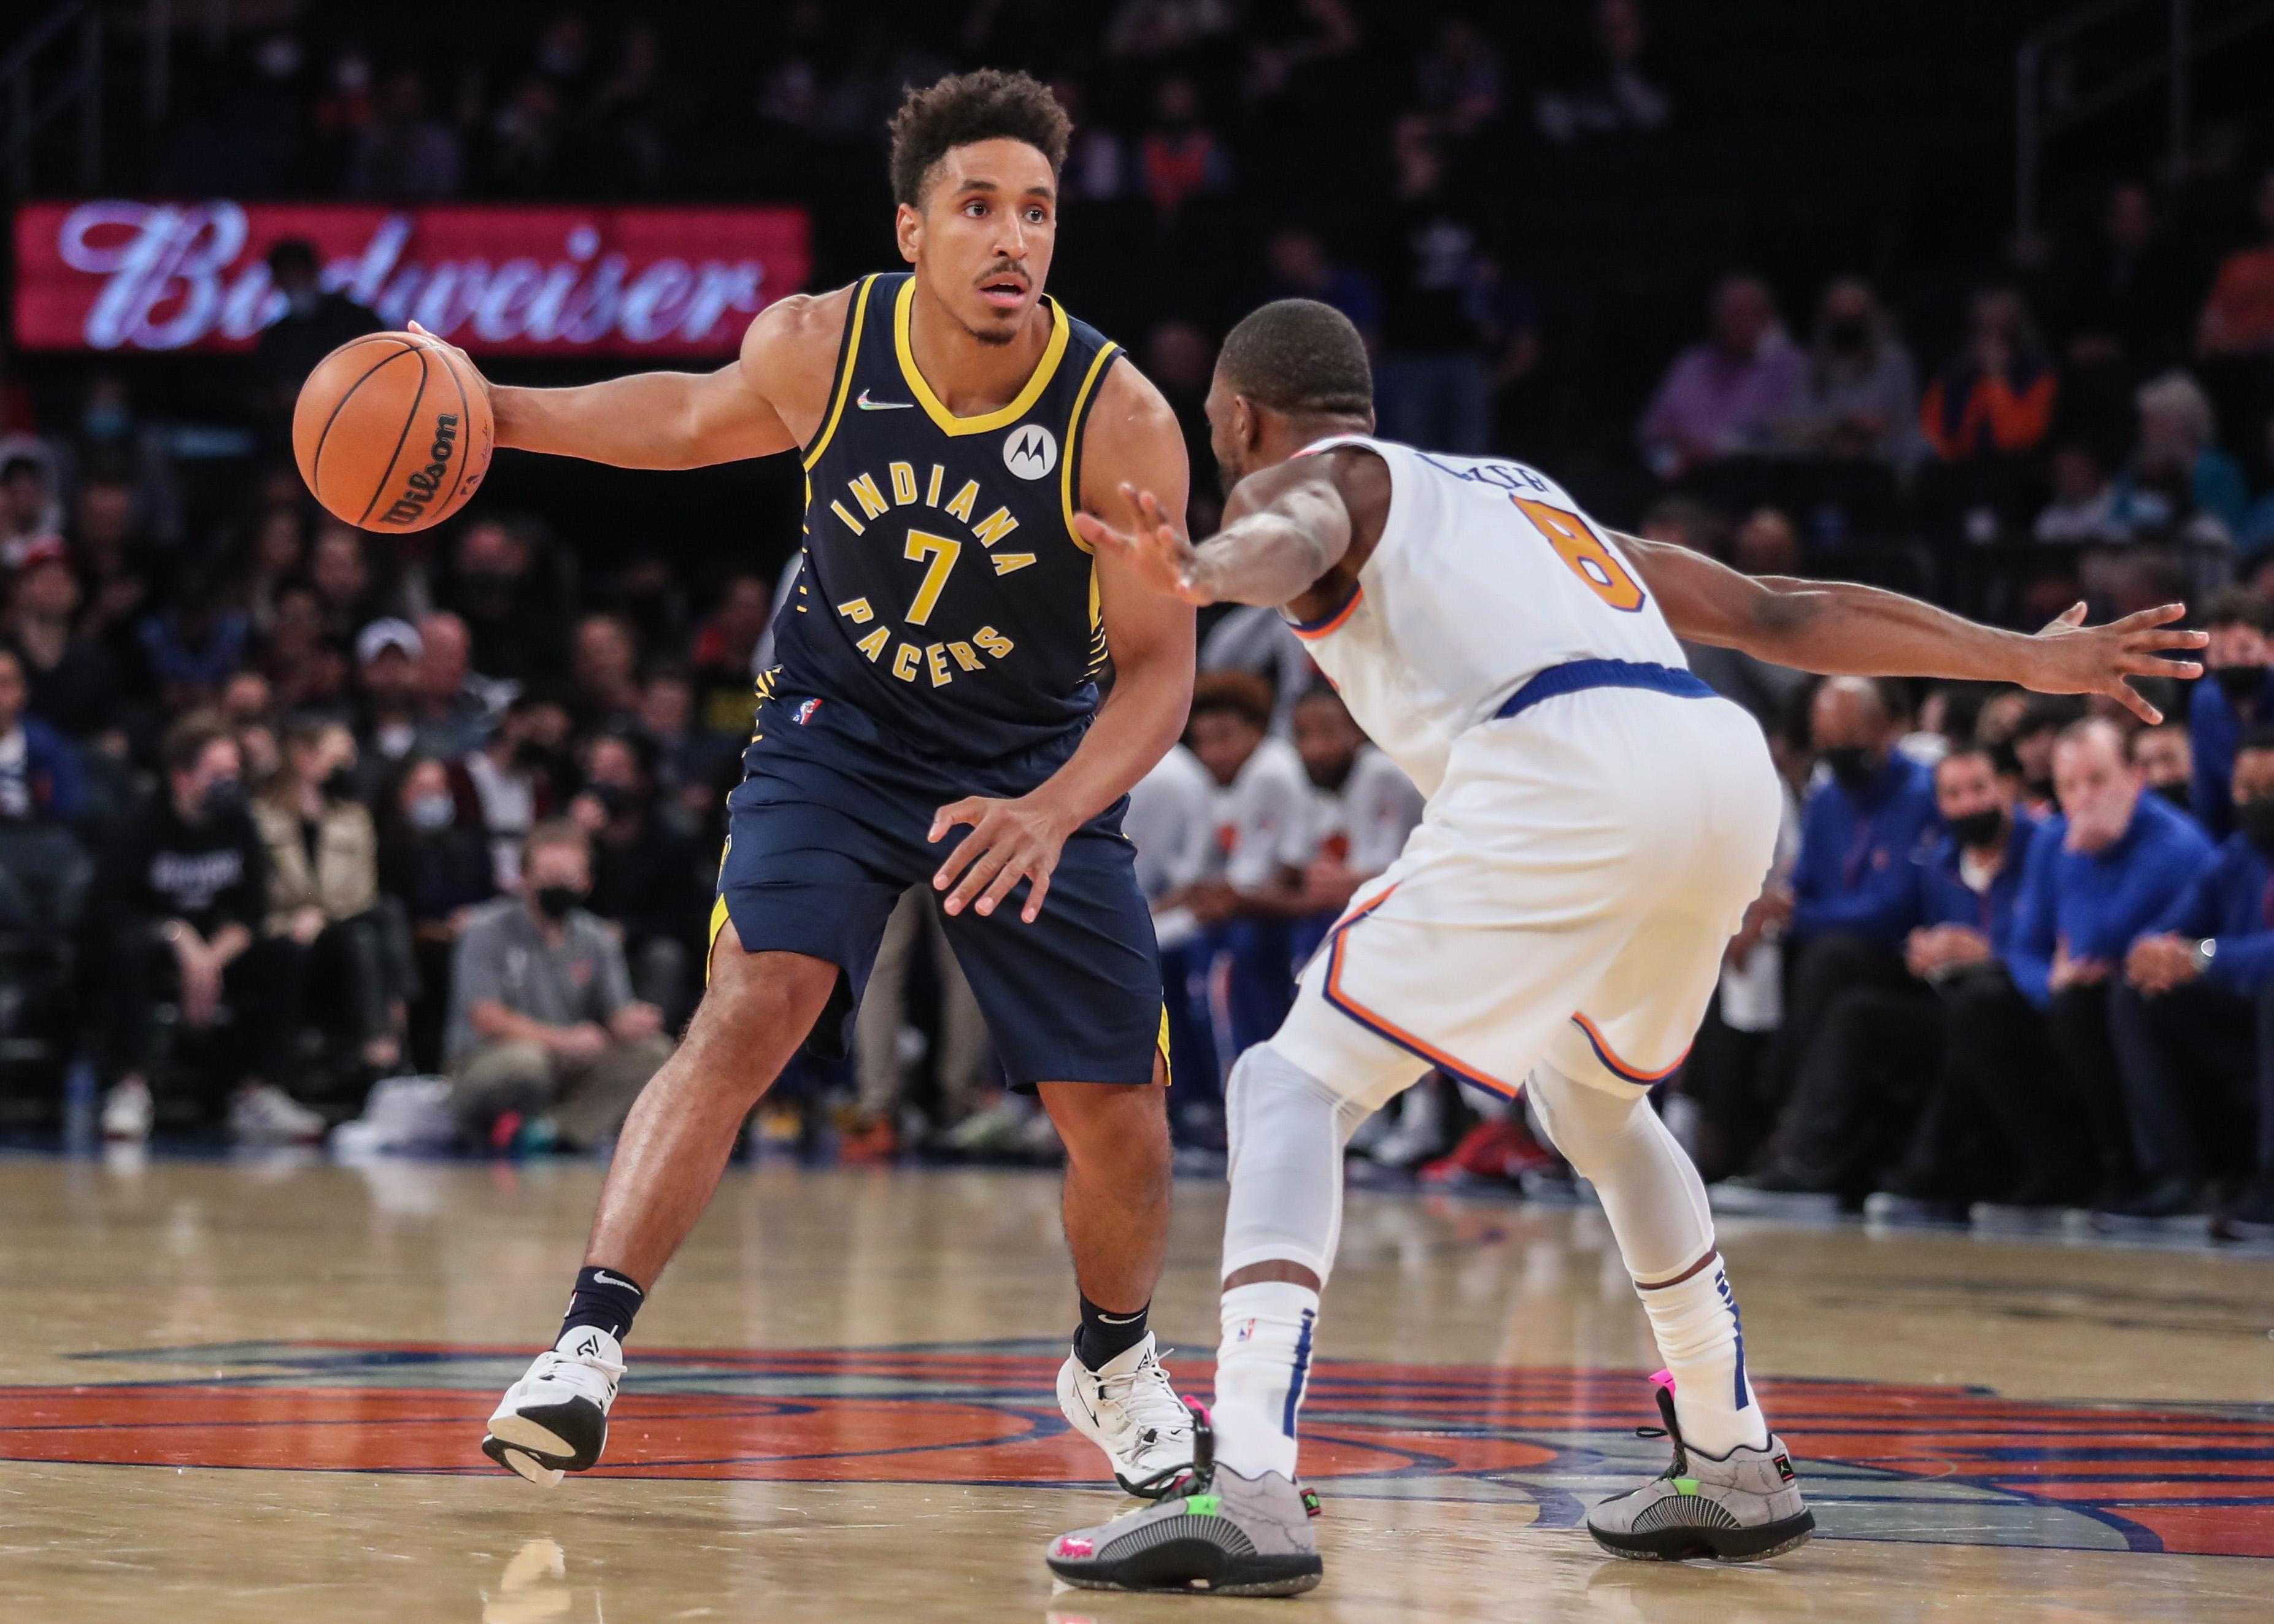 NBA: Preseason-Indiana Pacers at New York Knicks